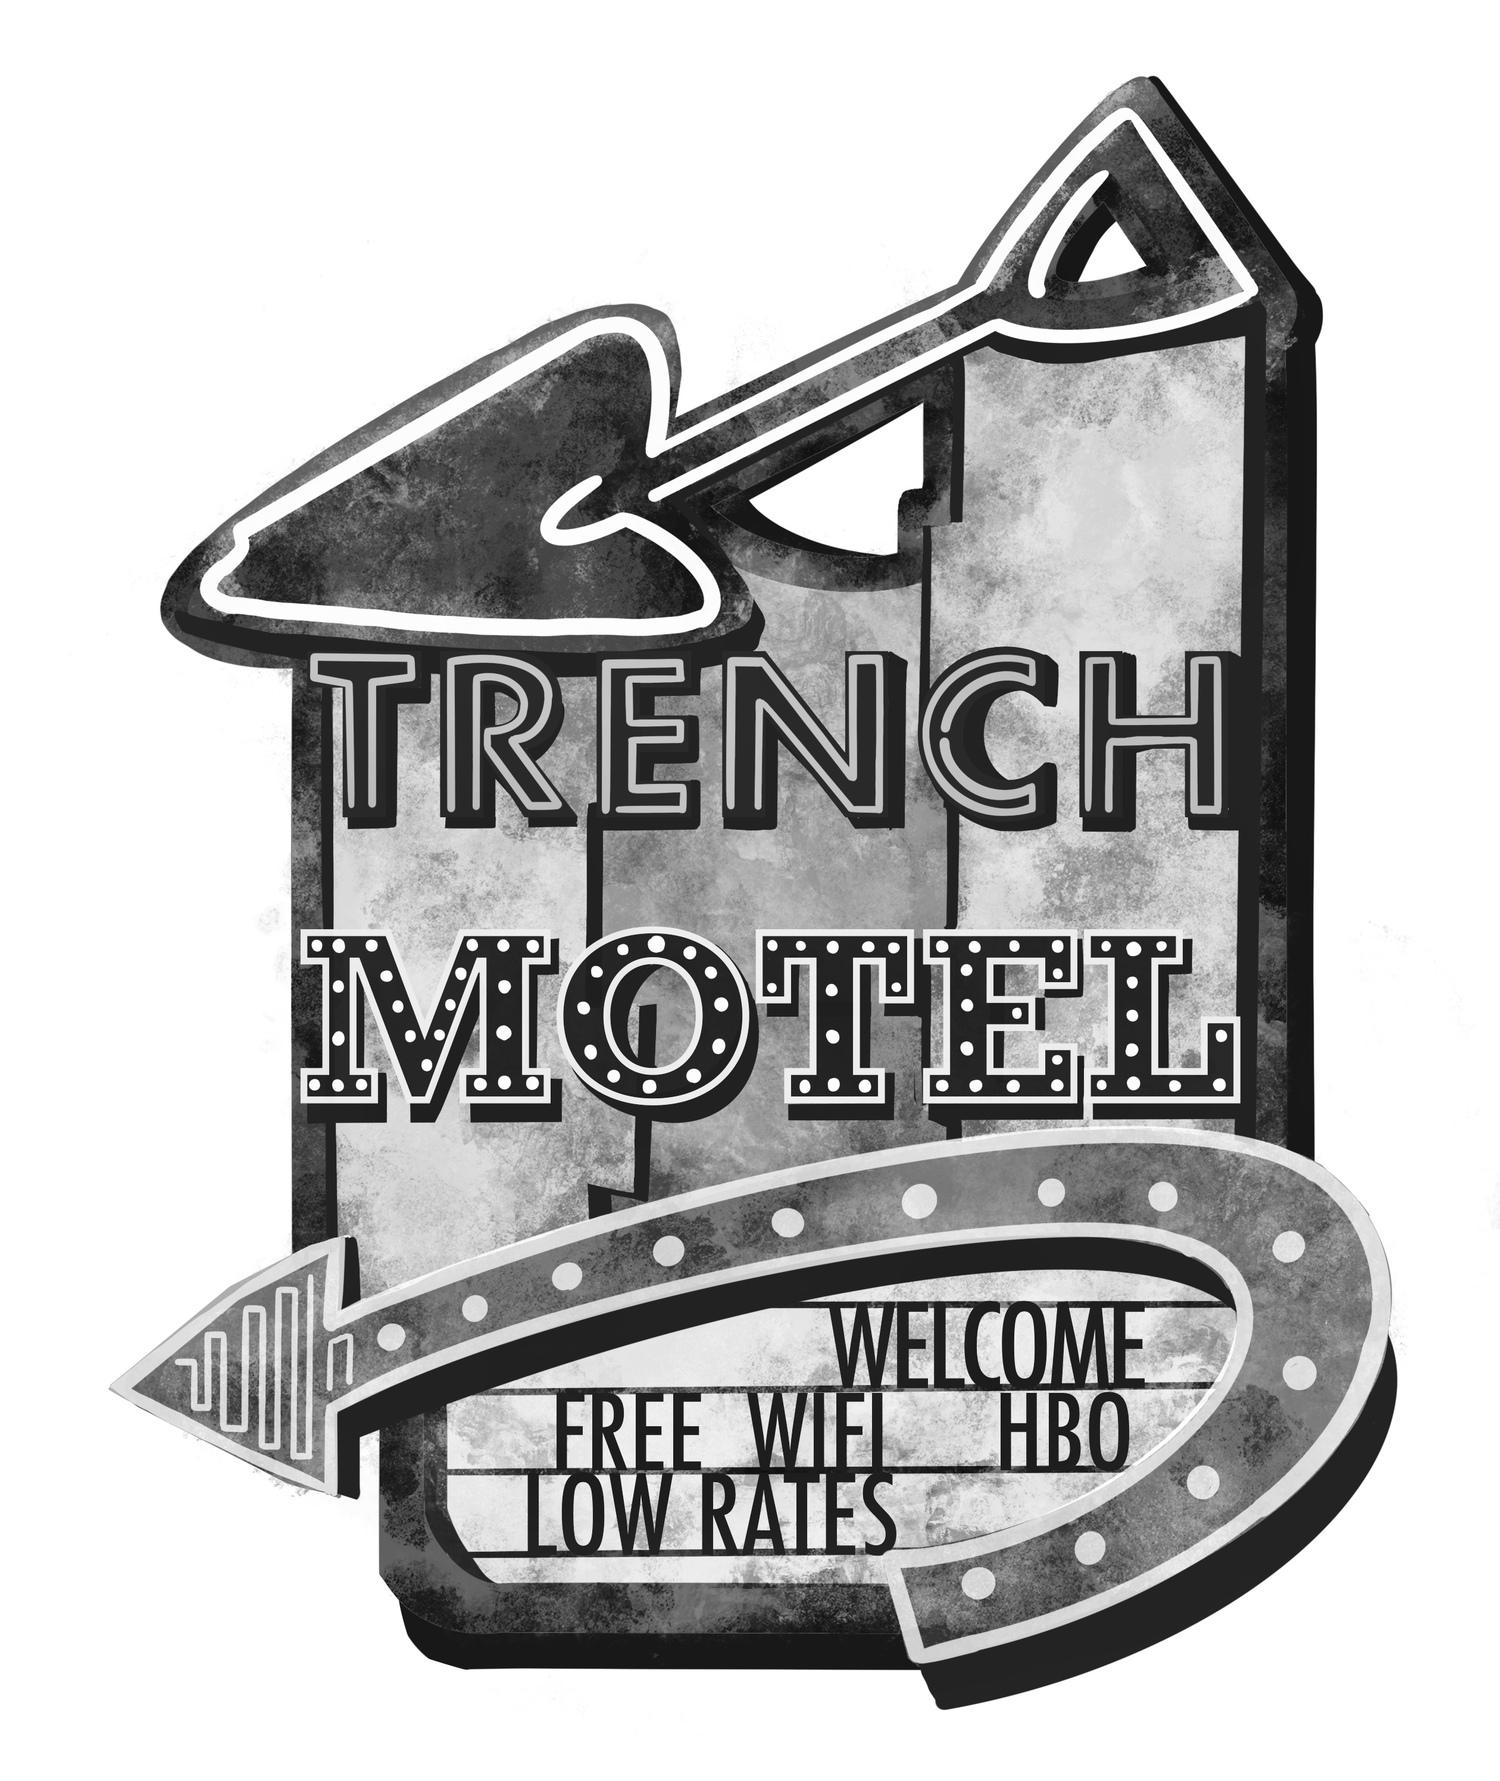 Trench motel